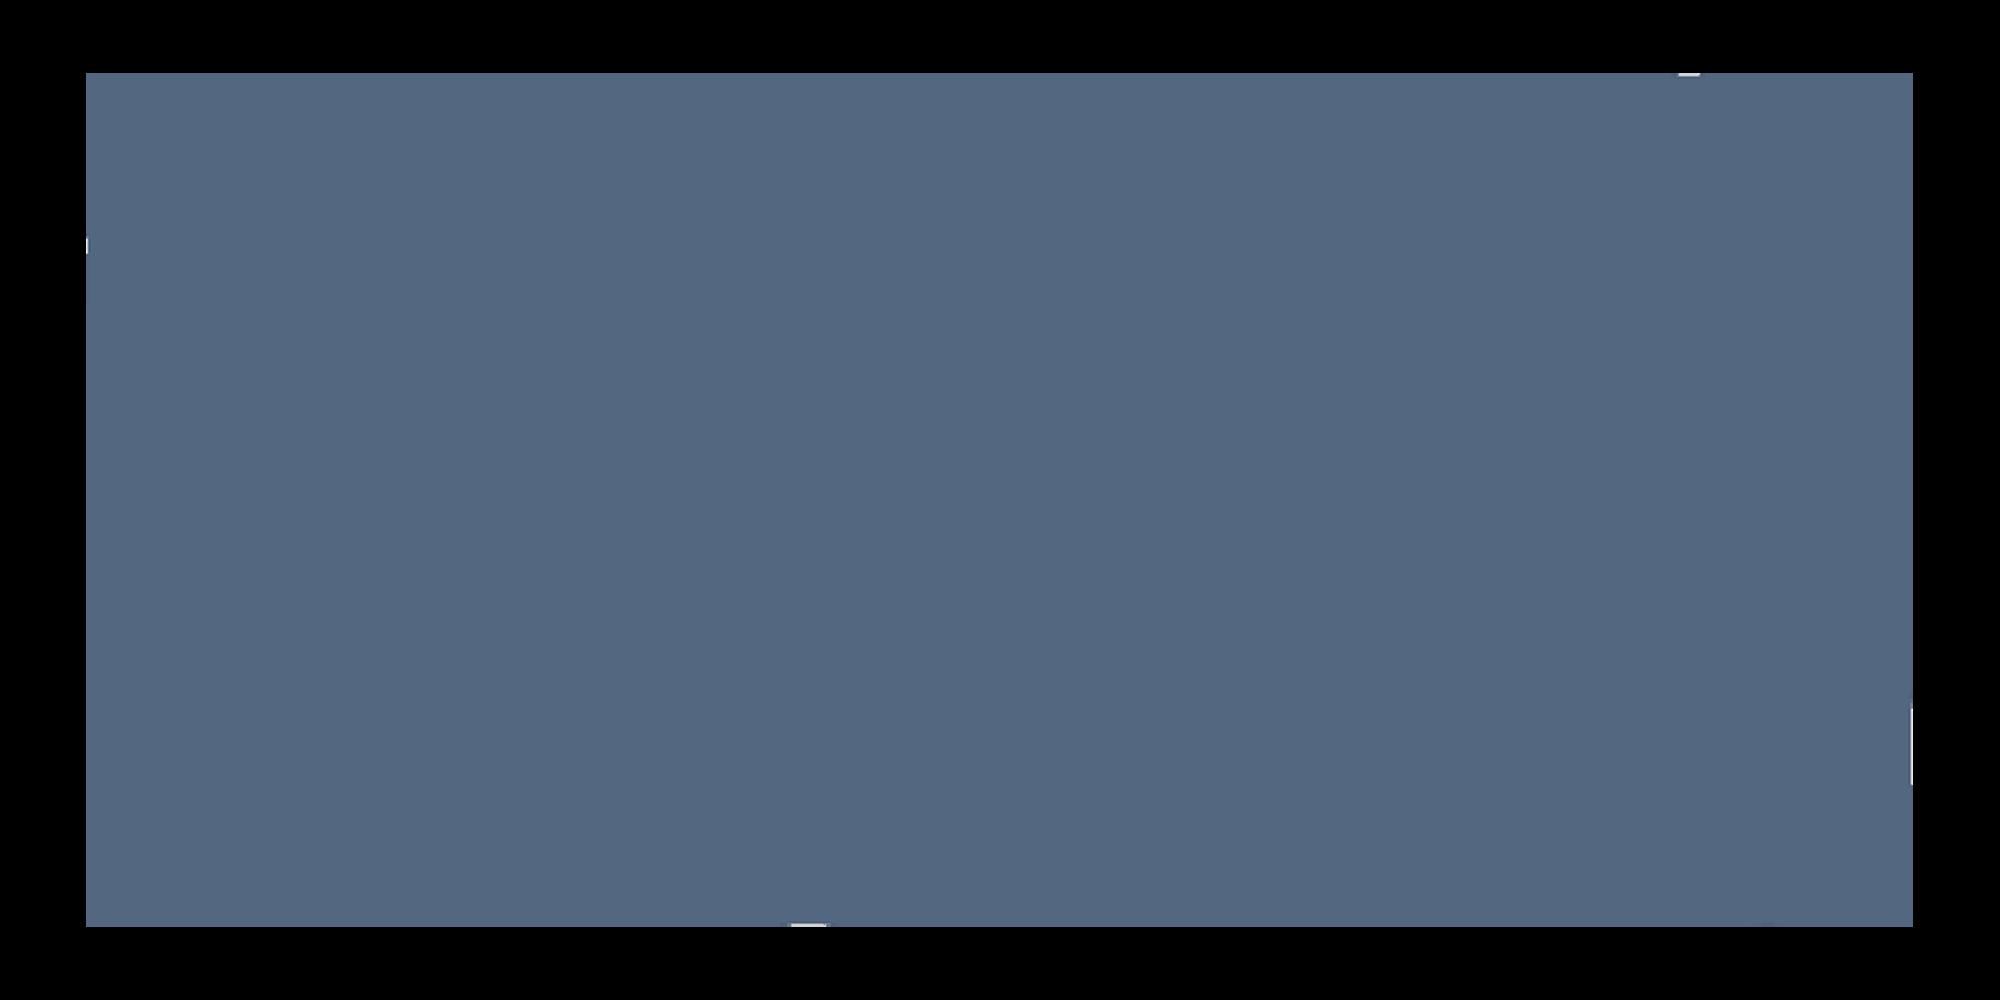 Sängbord och Nattduksbord Köp hos Vision of Home.se